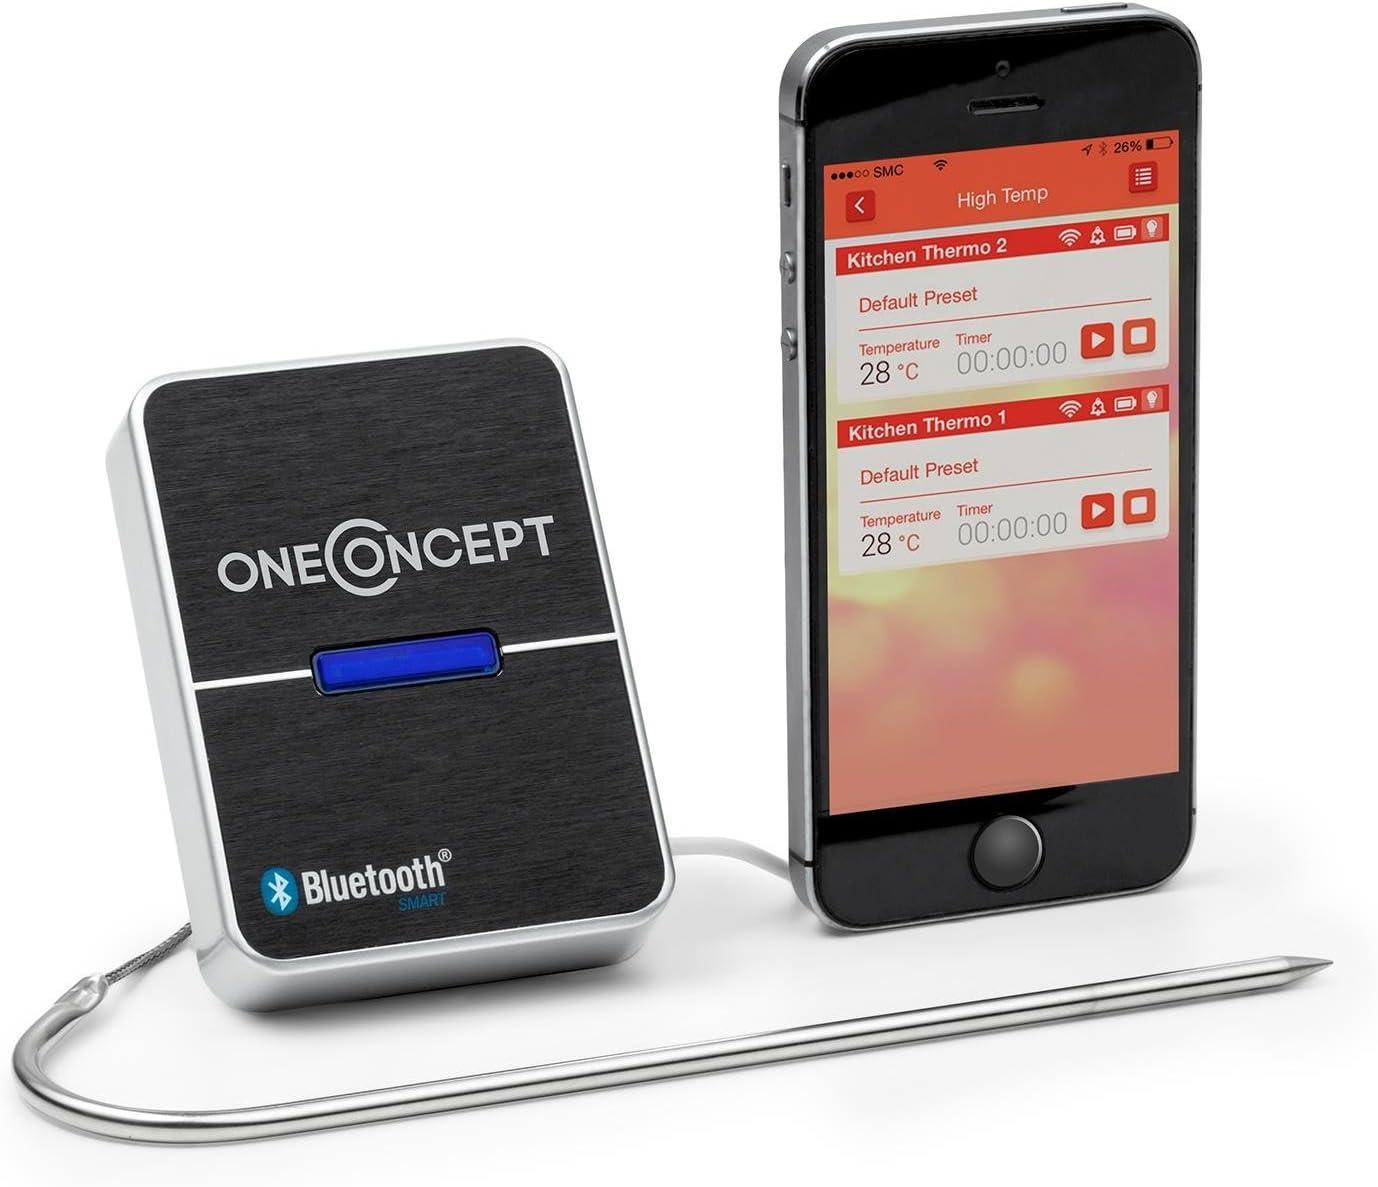 oneConcept Meatmaster - Termómetro para carne, Sensor Parrilla, Horno, Para cocinar asados, Bluetooth 4.0, Monitoreo de temperatura con aplicación, Teléfonos inteligentes Android, Sonda 100 cm: Amazon.es: Hogar